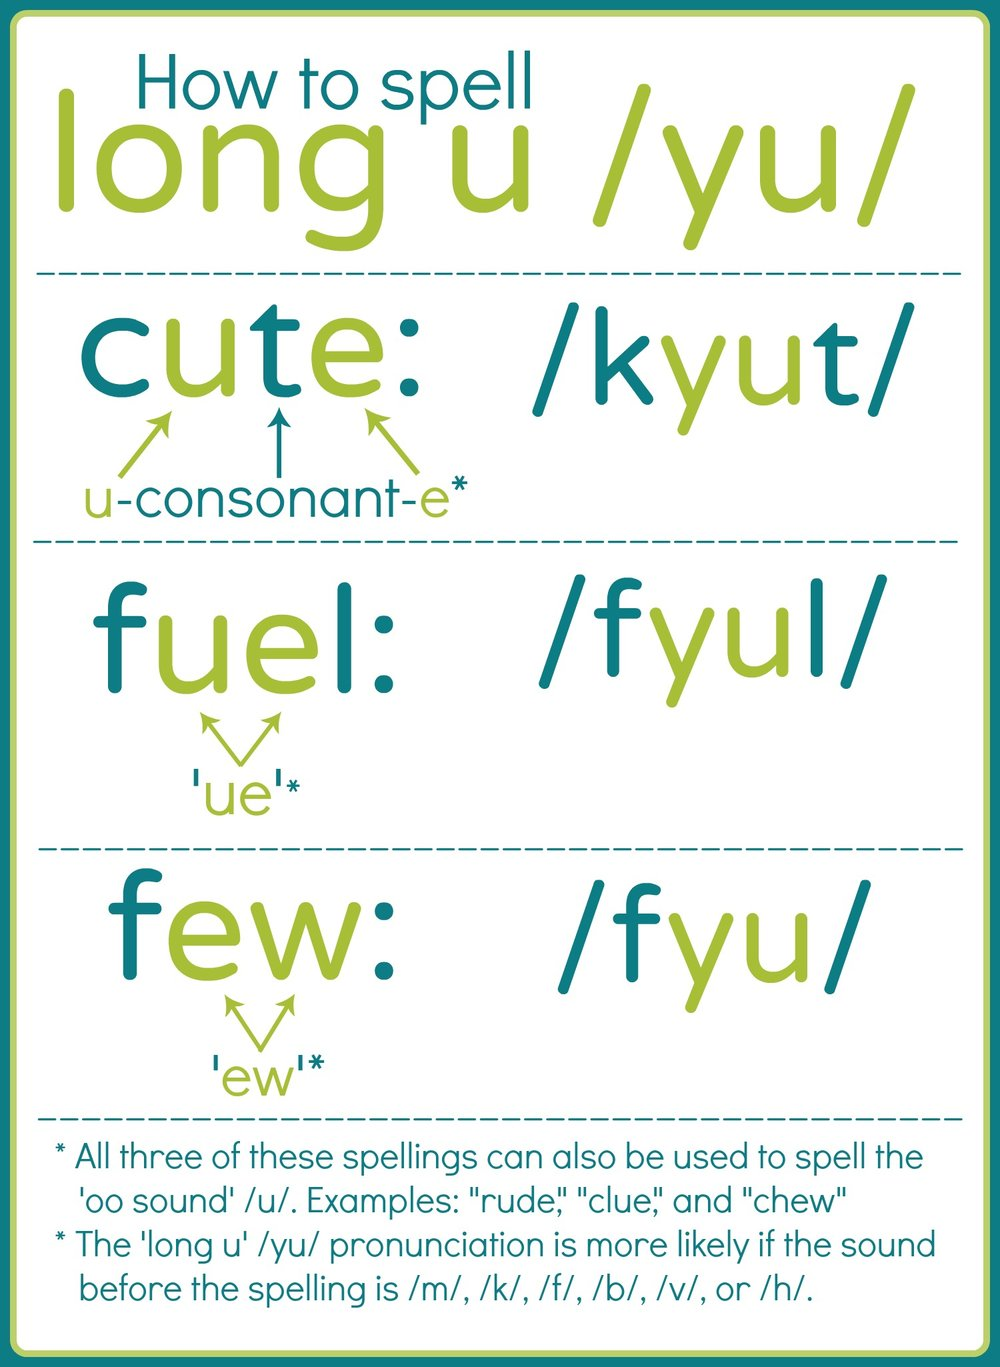 Long u spellings